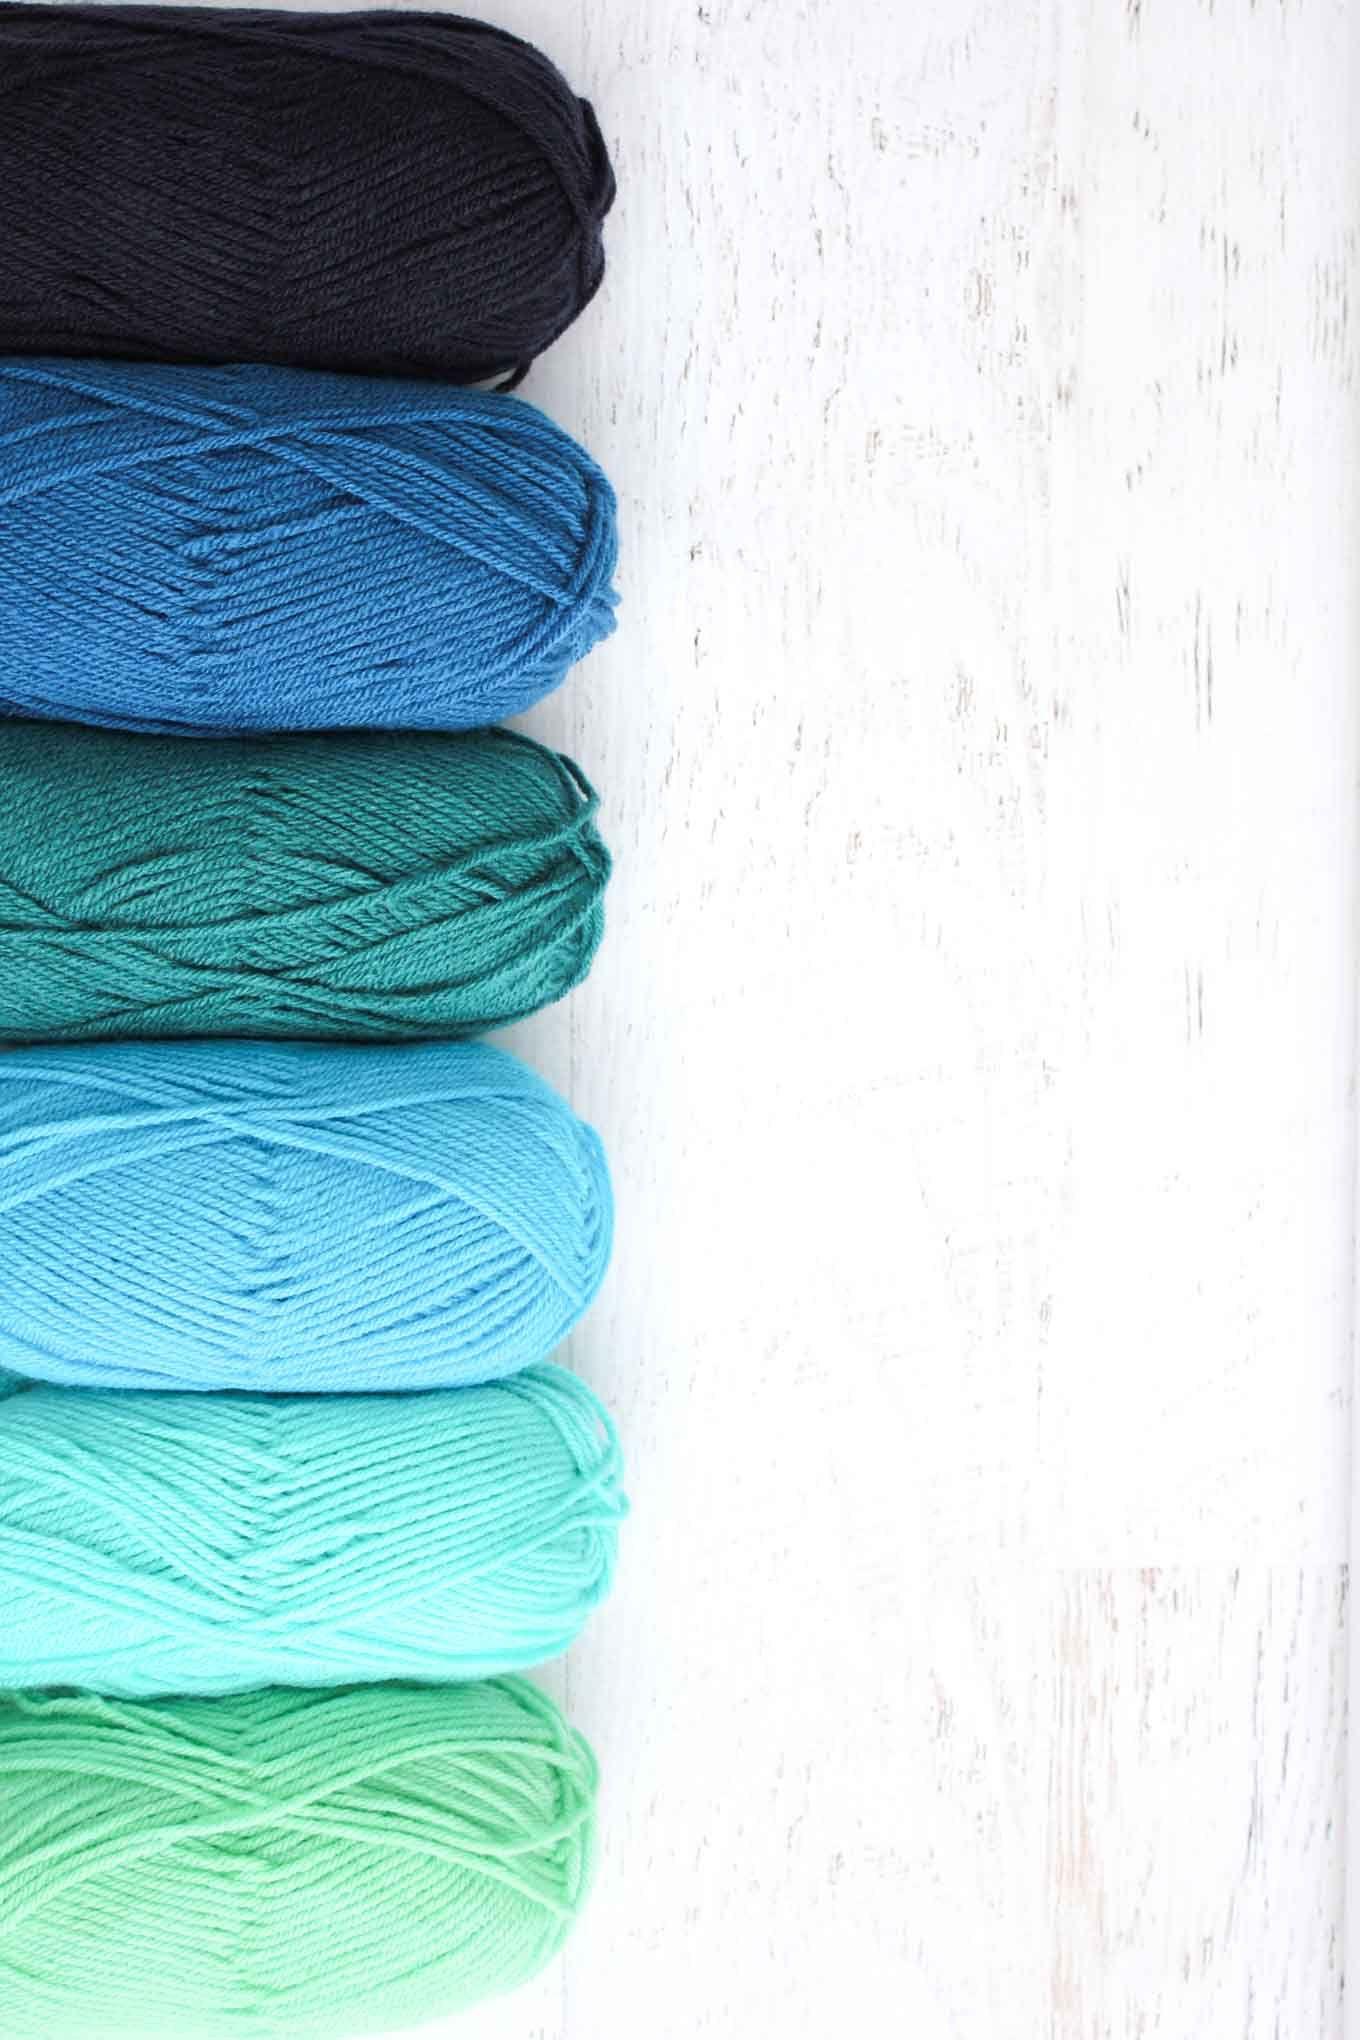 Modern Corner to Corner Crochet Deer Afghan - Free Pattern ...